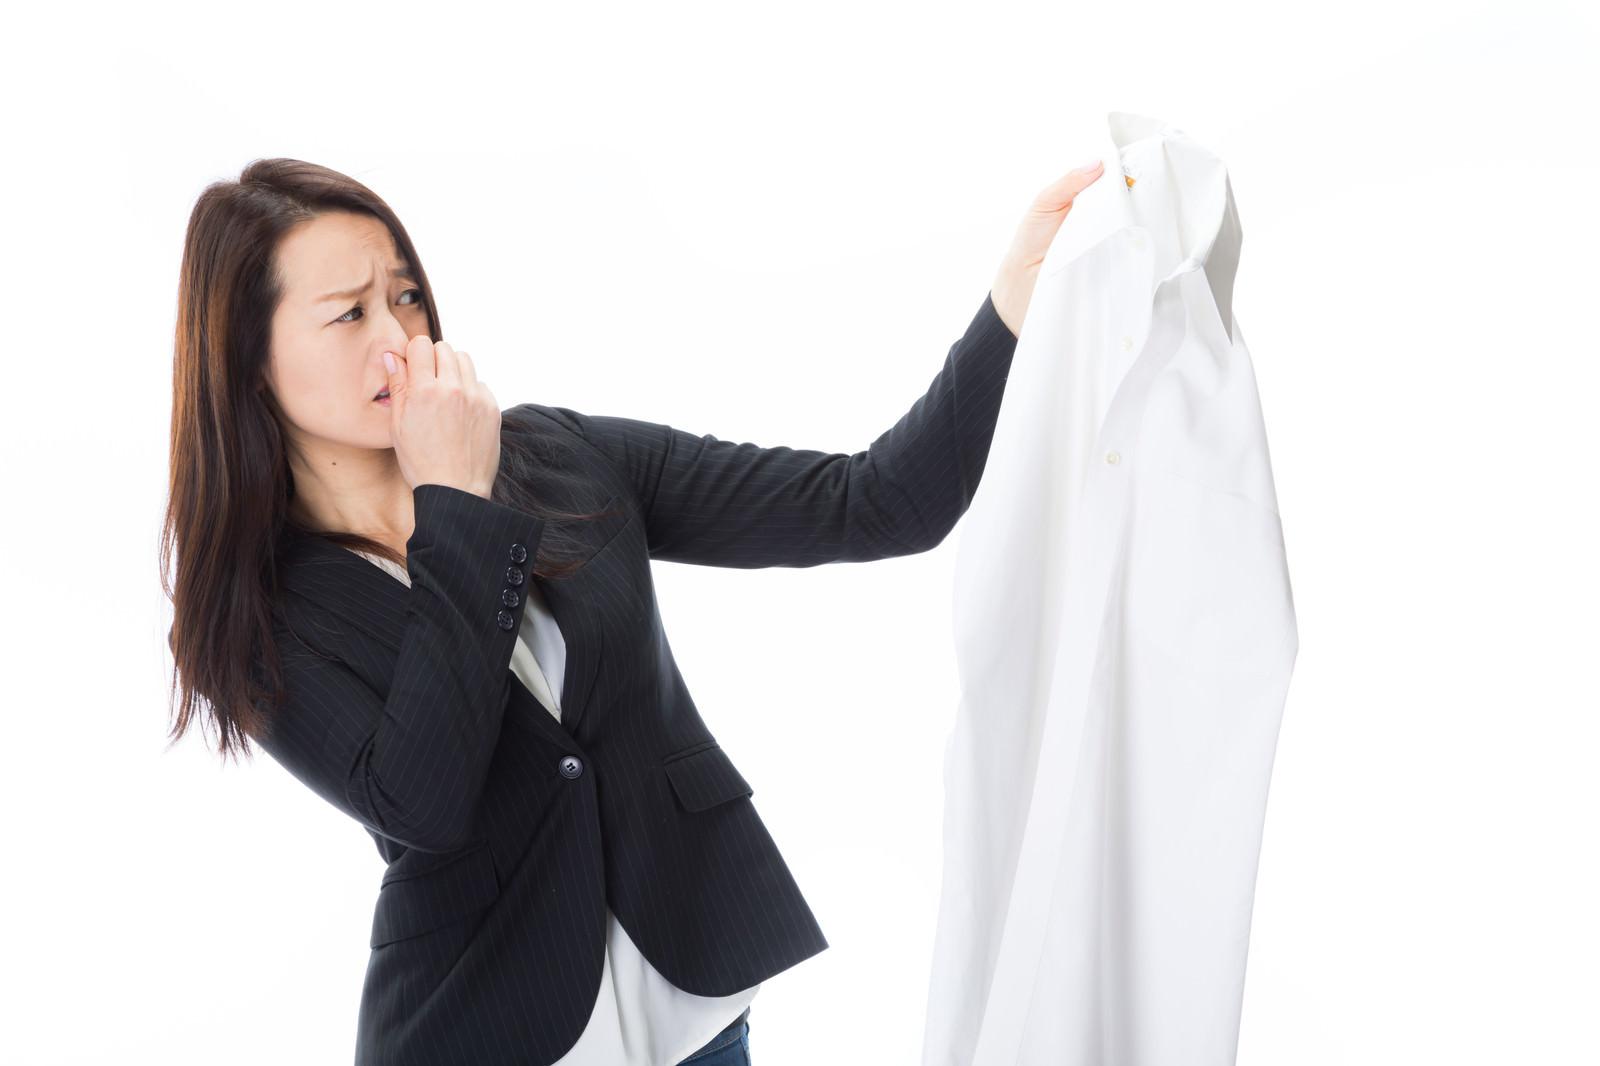 「悪臭がする男性のワイシャツを片手に露骨に嫌がる女性社員悪臭がする男性のワイシャツを片手に露骨に嫌がる女性社員」[モデル:土本寛子]のフリー写真素材を拡大